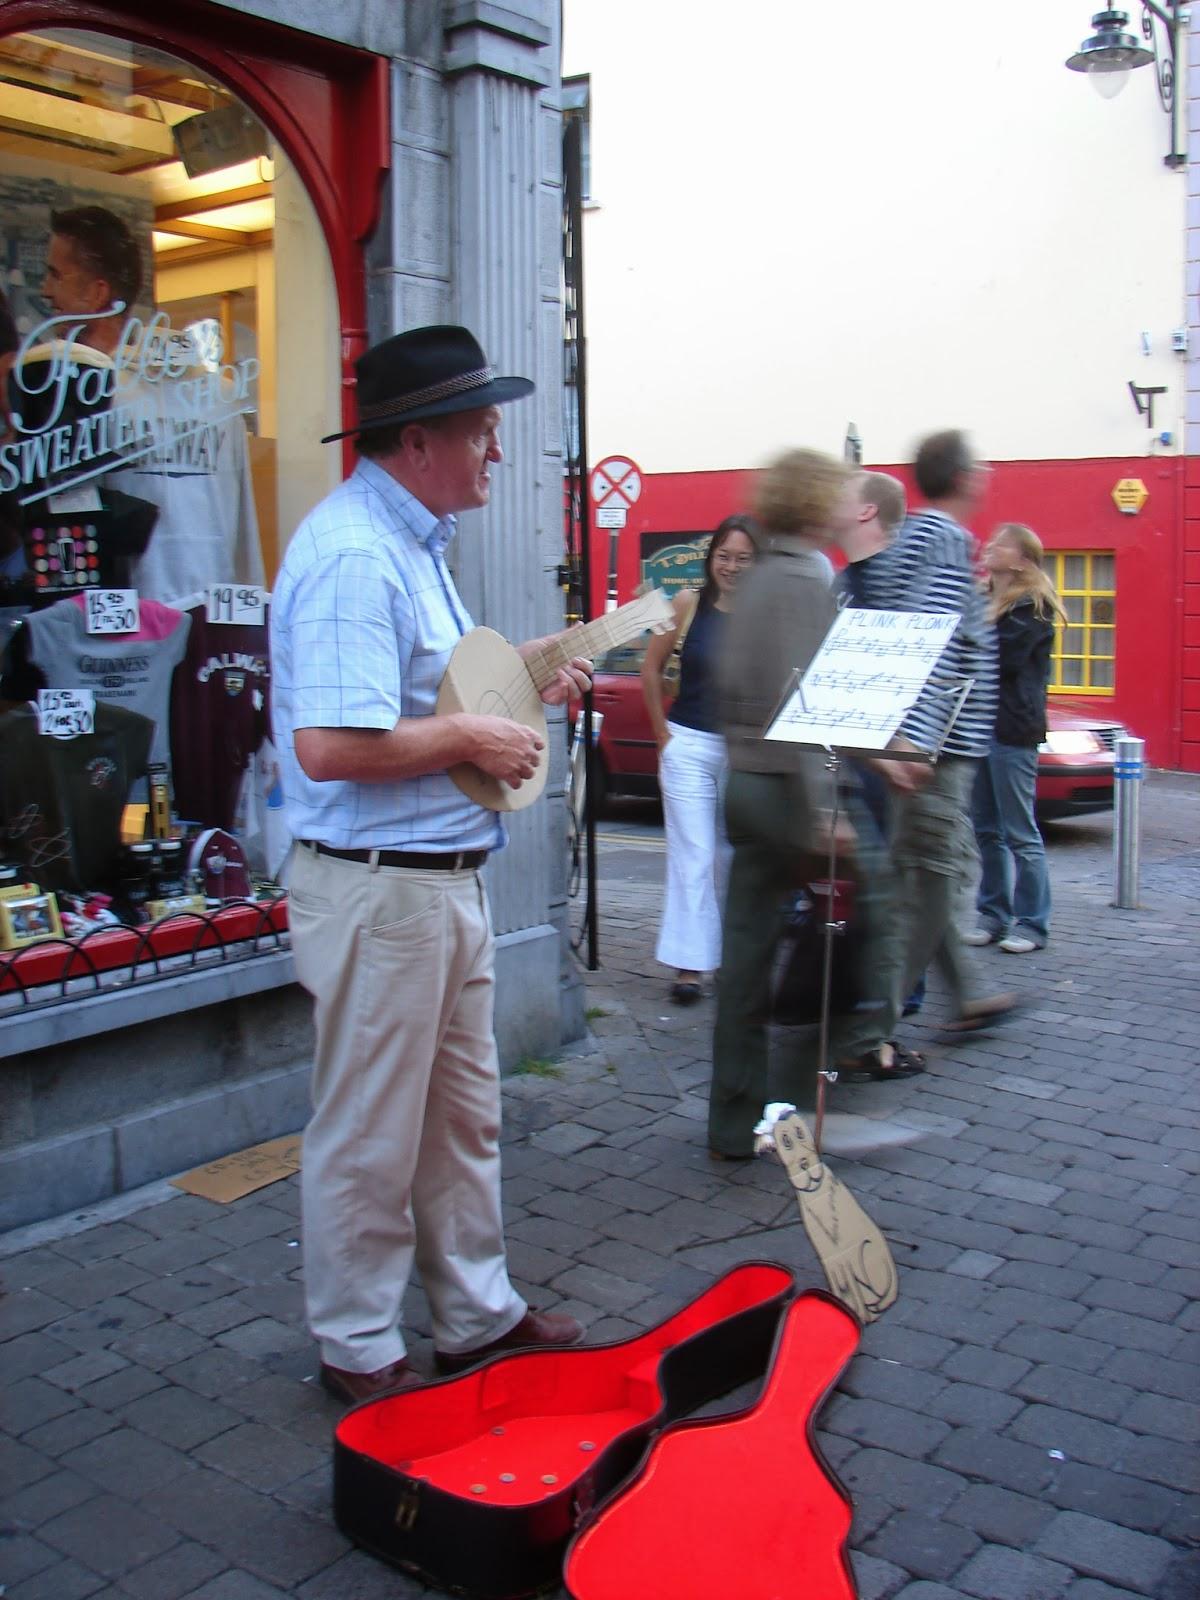 """No 2006 este """"artista"""" gañaba a vida """"tocando"""" na rúa principal de Galway co seu instrumento de cartón ollando unha partitura que só poñía """"plink plonk"""". Era un """"play-back"""" á cara, sen enganar a ninguén, e tamén recibía os seus estipendios). ¡E o seu can non ensuciaba (foto XMLS 2006)"""